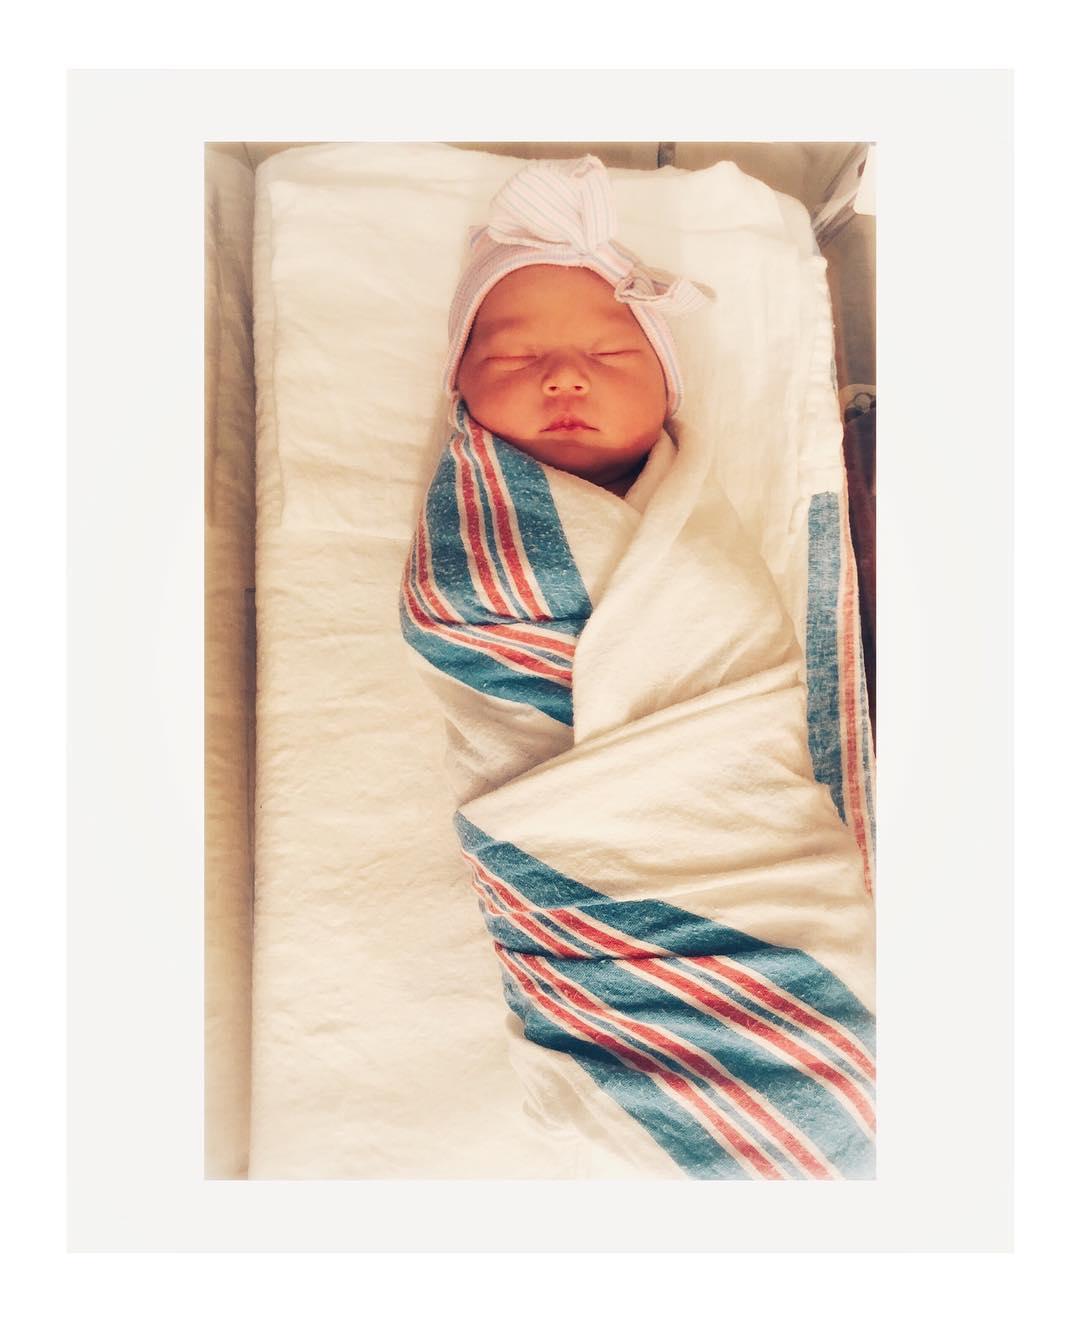 Кейт Хадсон выложила первое фото дочери, которой только 4 дня